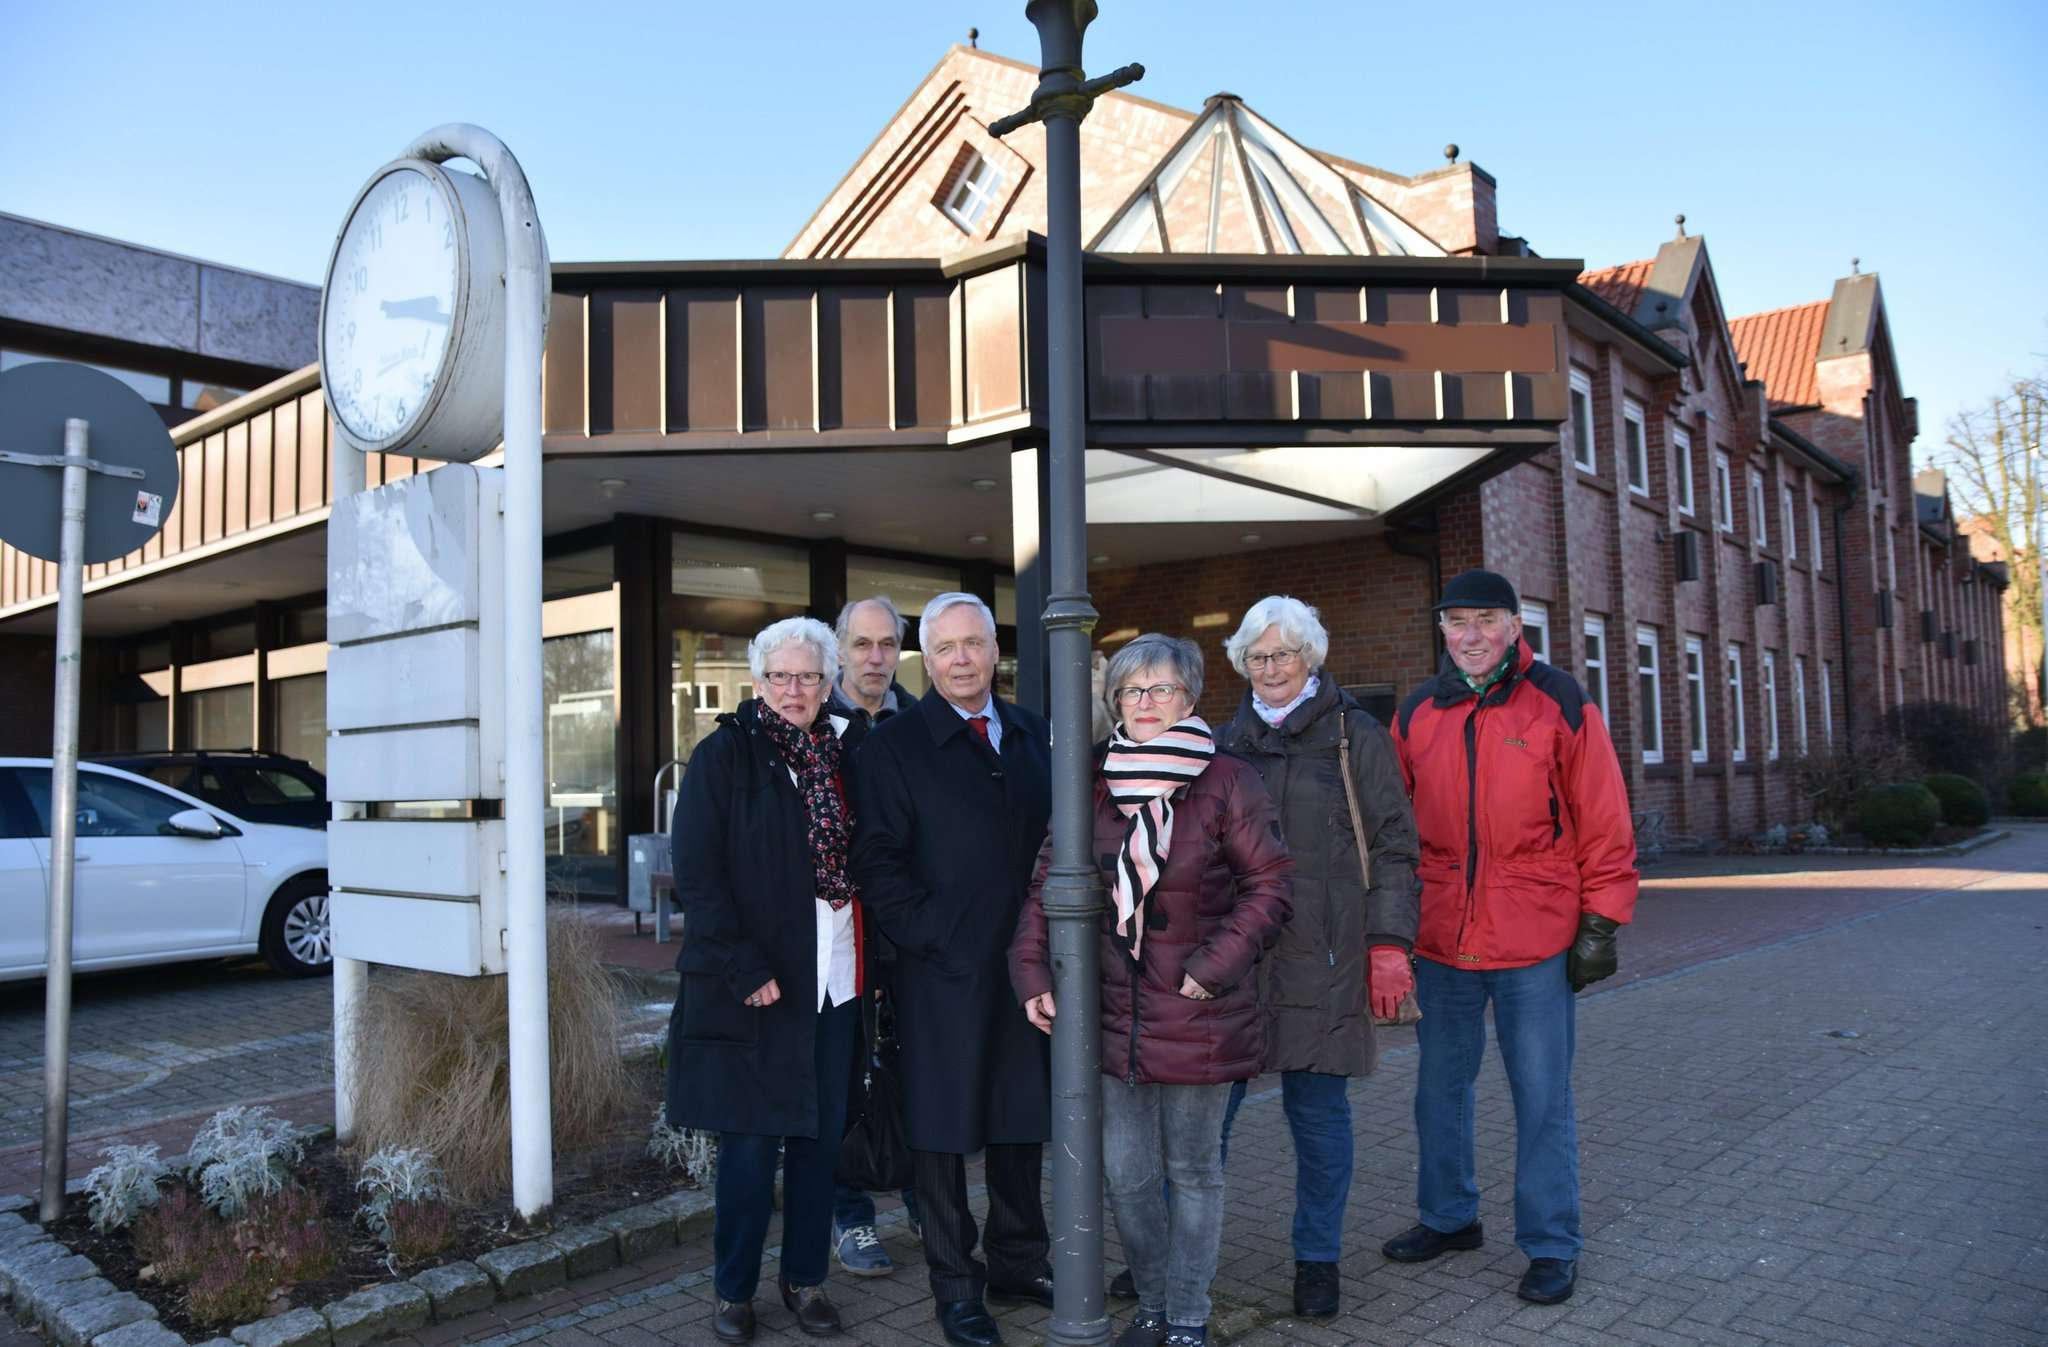 Der Seniorenbeirat sieht das ehemalige Volksbankgebäude in der Ortsmitte als idealen Standort für ein Mehrgenerationenhaus an. Foto: Heidrun Meyer